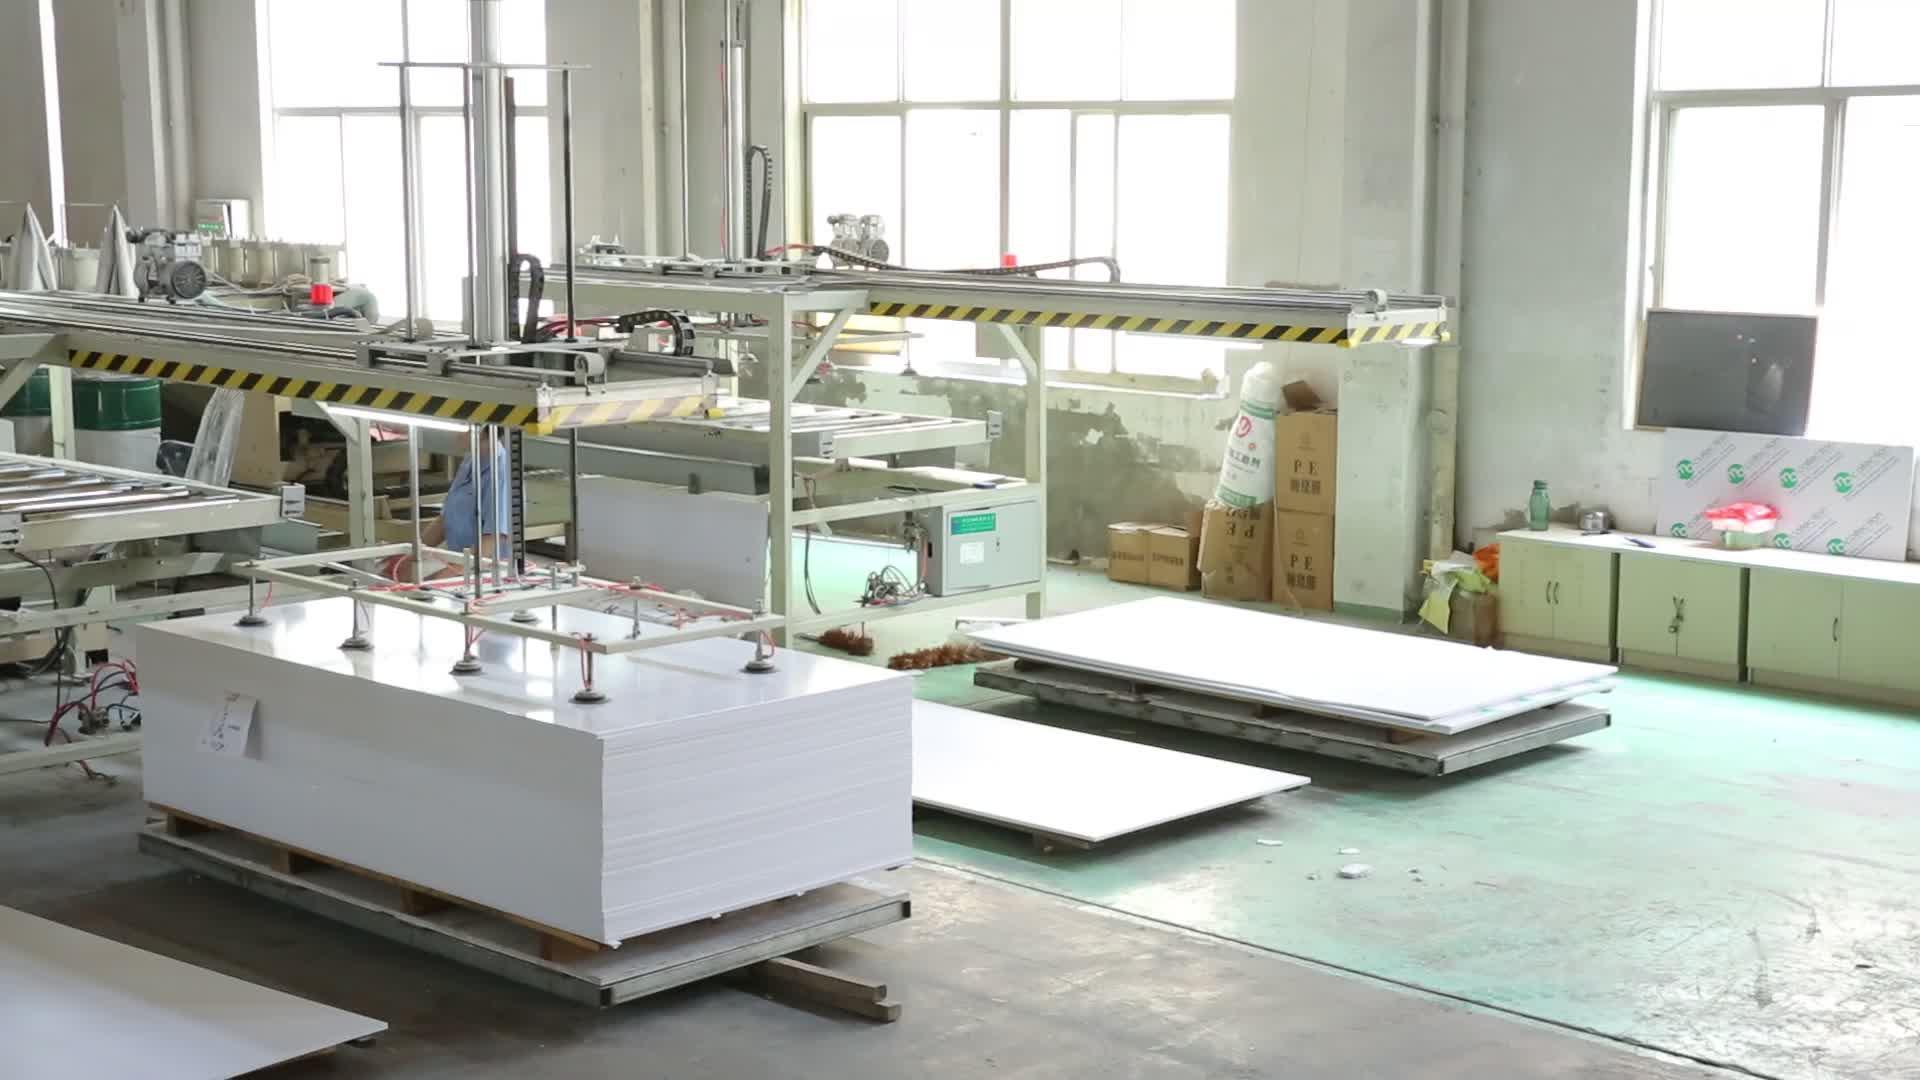 Hoge kwaliteit hoge dichtheid pvc foam board met PVC decoratieve blad fabrikant prijs voor buiten gebruik